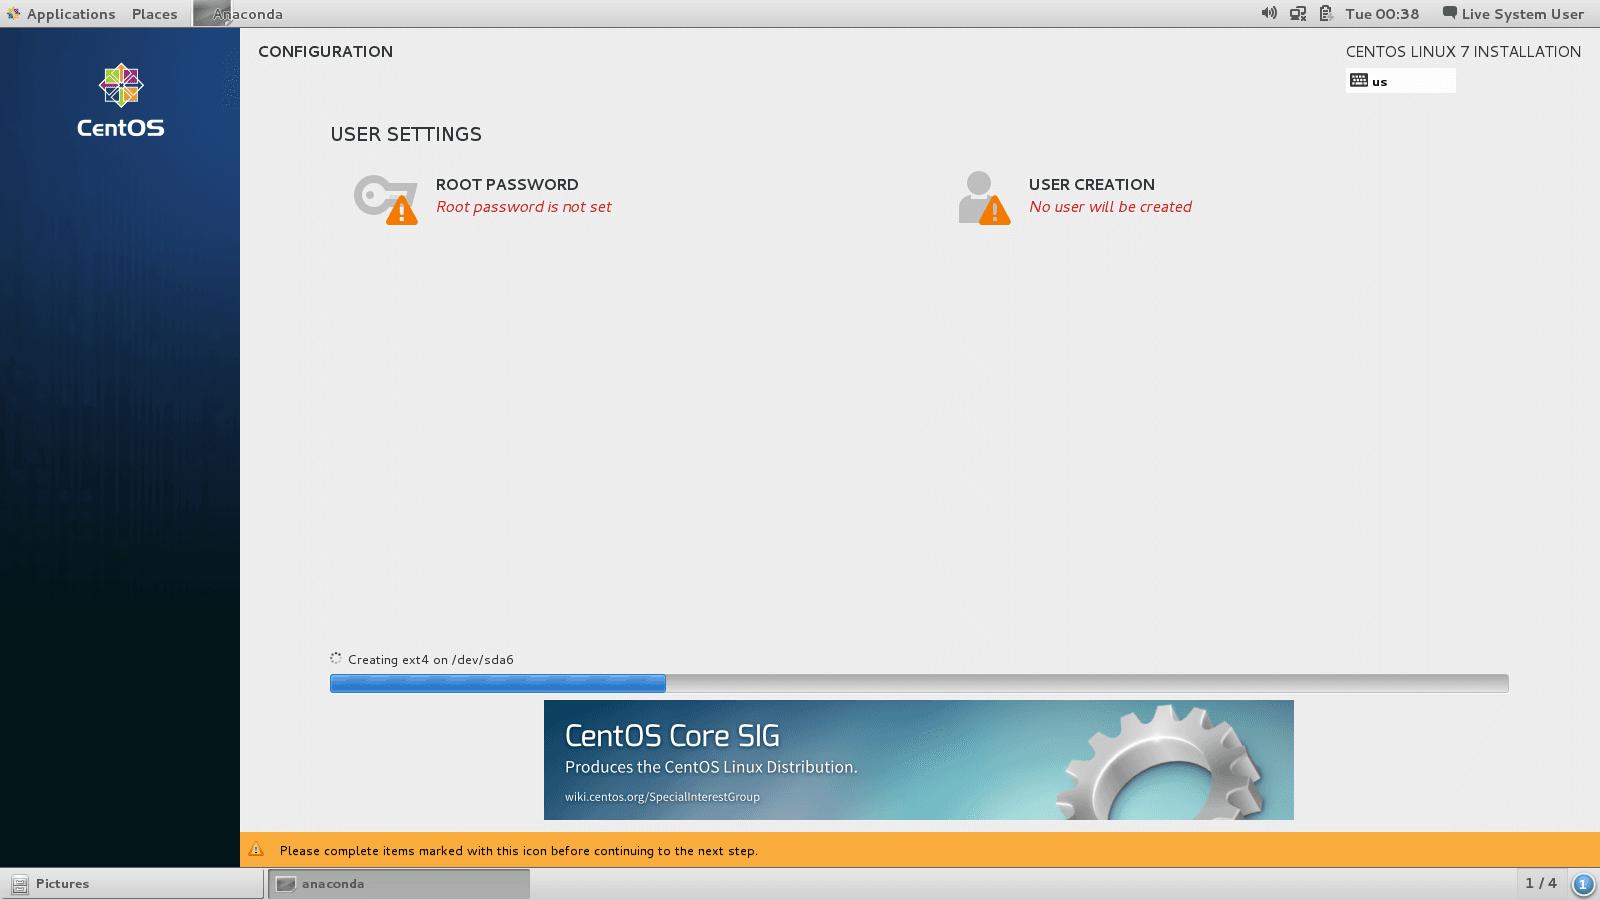 آموزش نصب لینوکس CentOS 7 روی کامپیوتر شخصی یا سرور